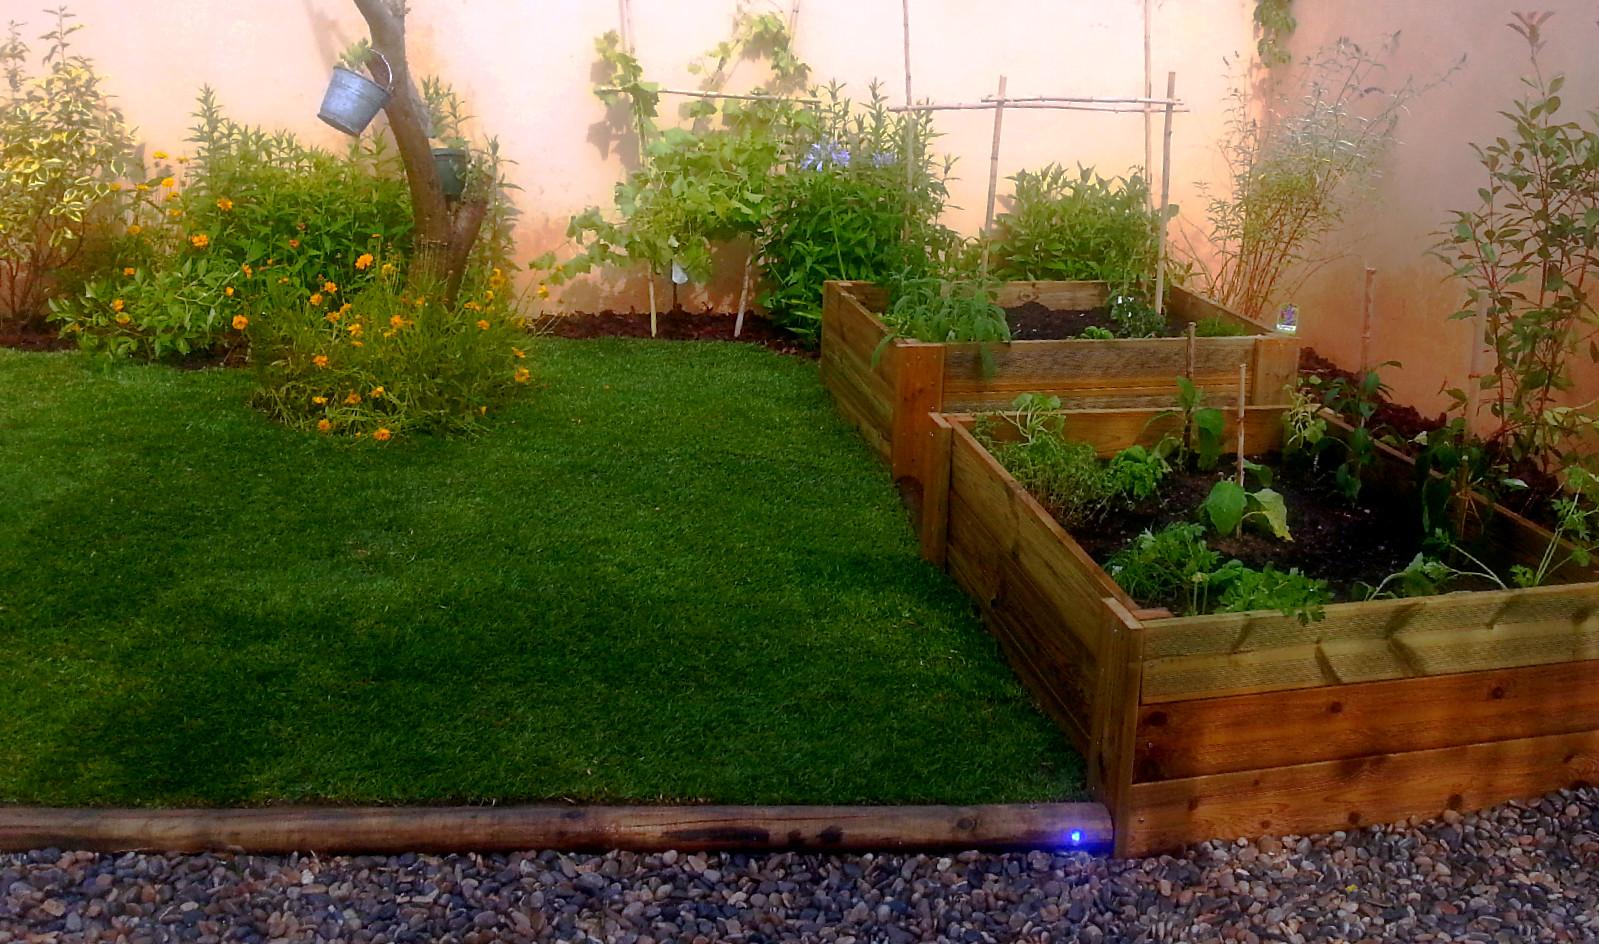 Plantes Pour Jardin Contemporain création de jardin contemporain marseille aix-en-provence